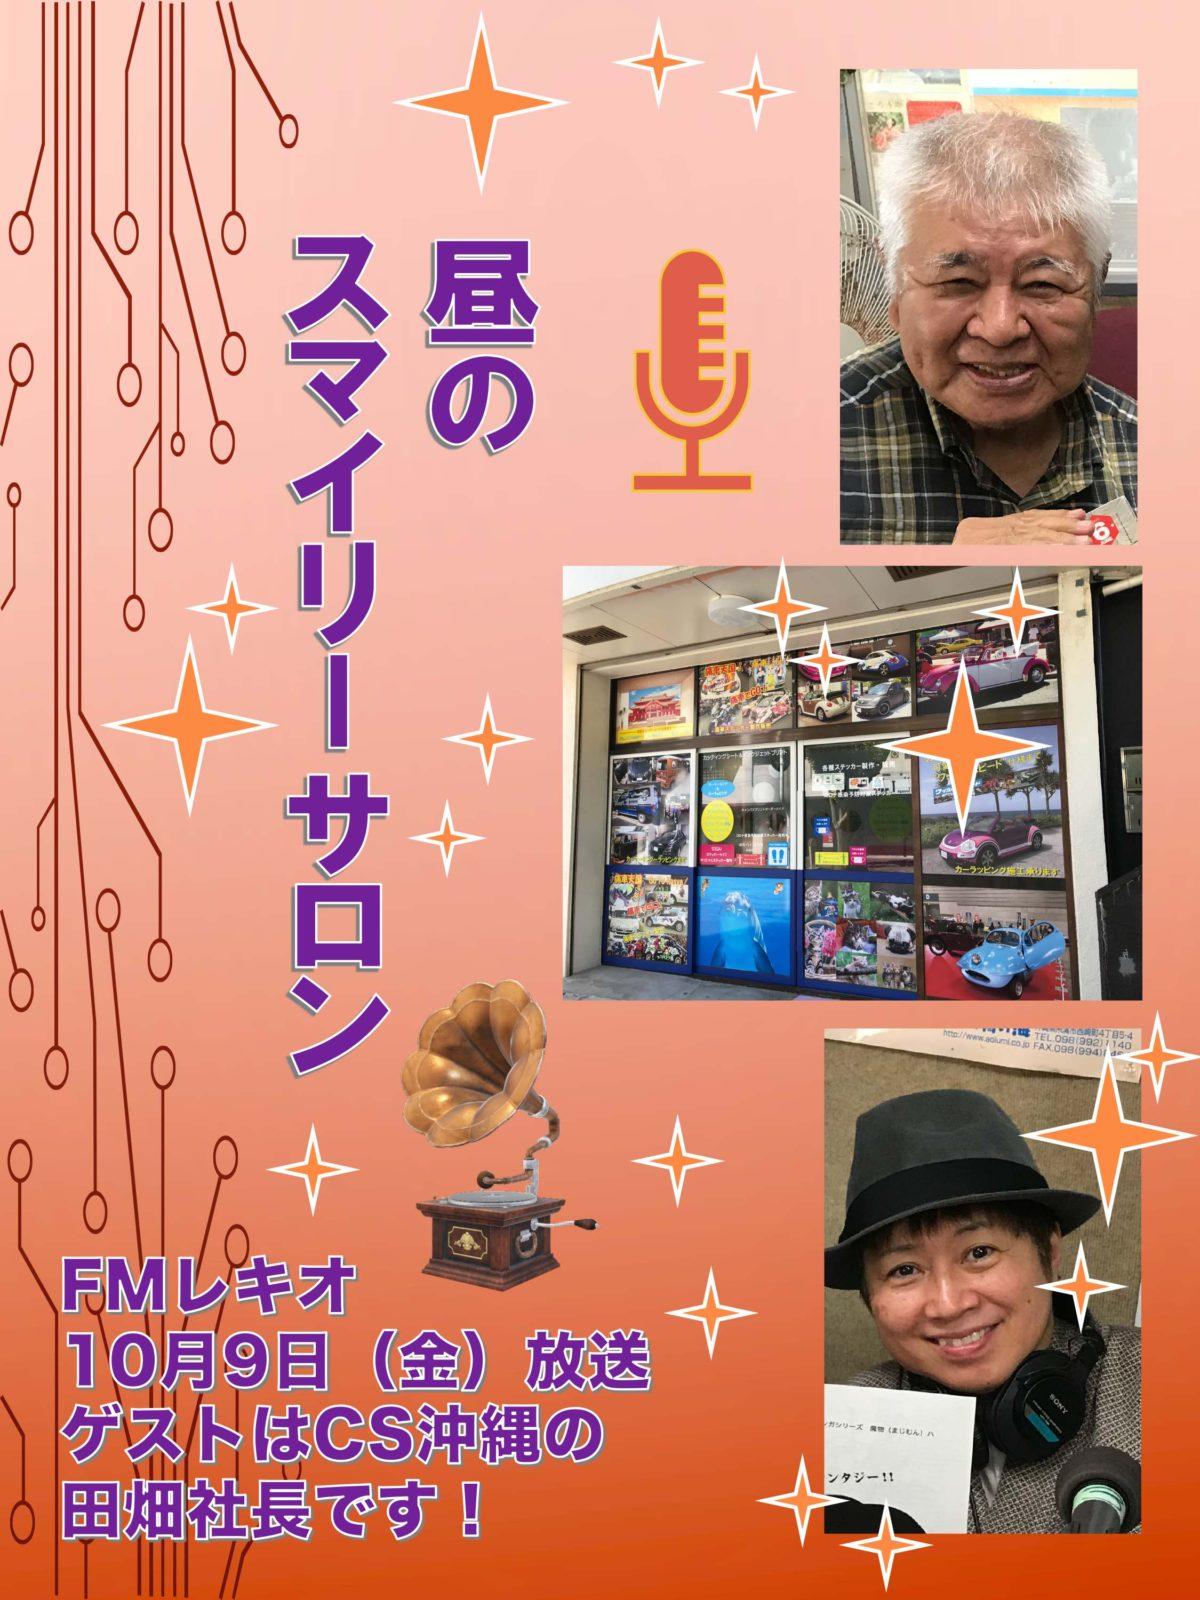 痛車の「CS沖縄」さんが登場! 10月9日(金)放送!『昼のスマイリーサロン』